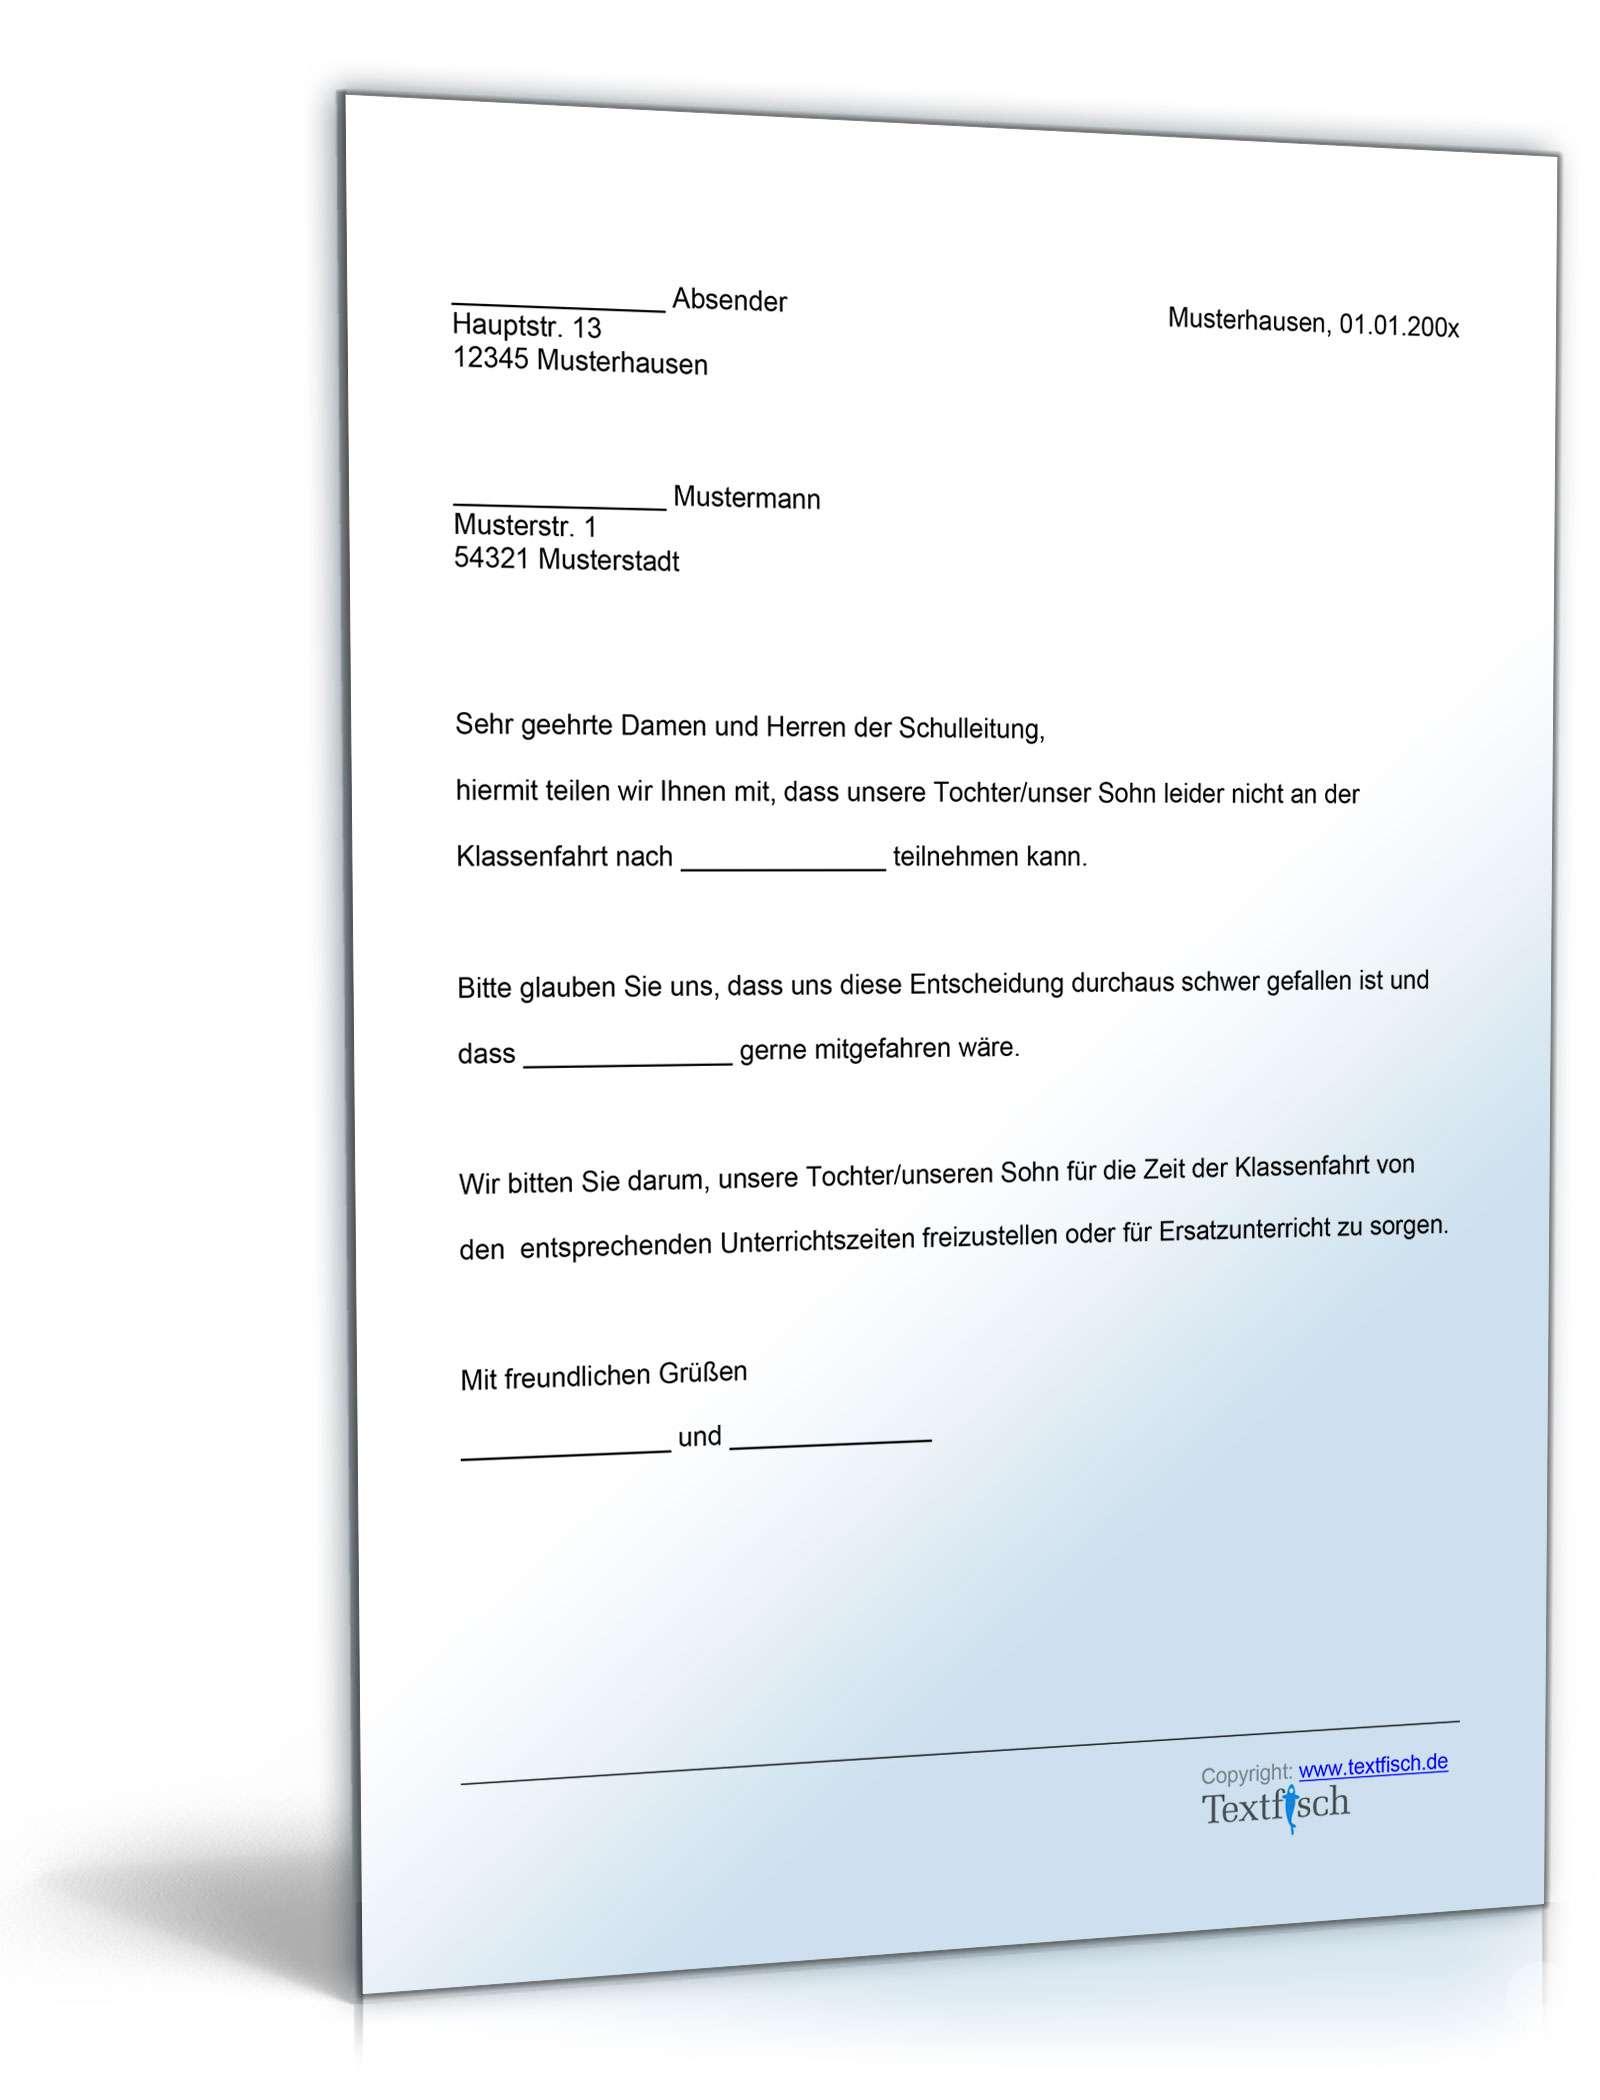 Befreiung Teilnahme Klassenfahrt | Muster Zum Download über Wie Schreibt Man Eine Entschuldigung Für Die Schule